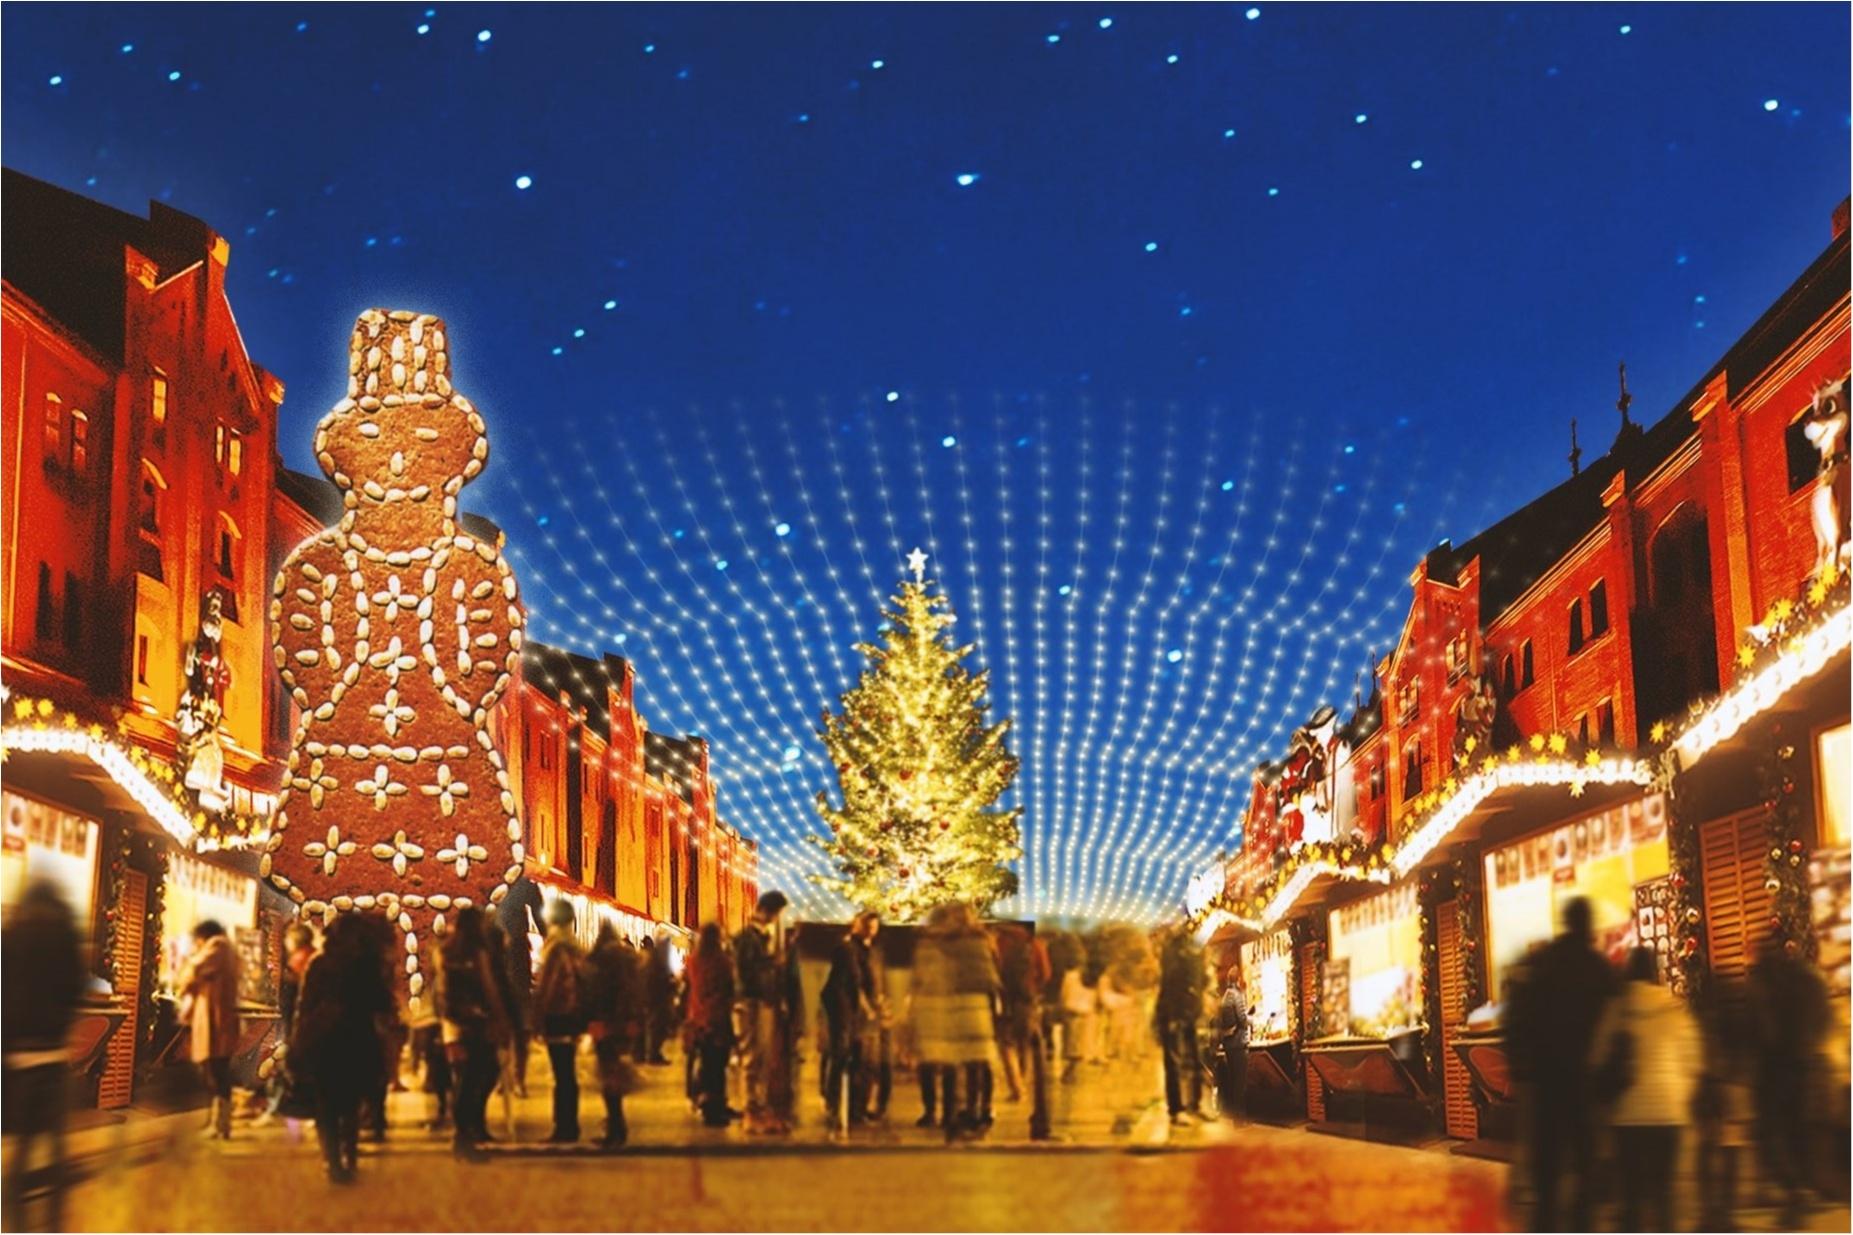 冬のみなとみらいデートに外せない♡ 「クリスマスマーケットin 横浜赤レンガ倉庫」が今年も開催! 【11/23(金・祝)~12/25(火)】_1